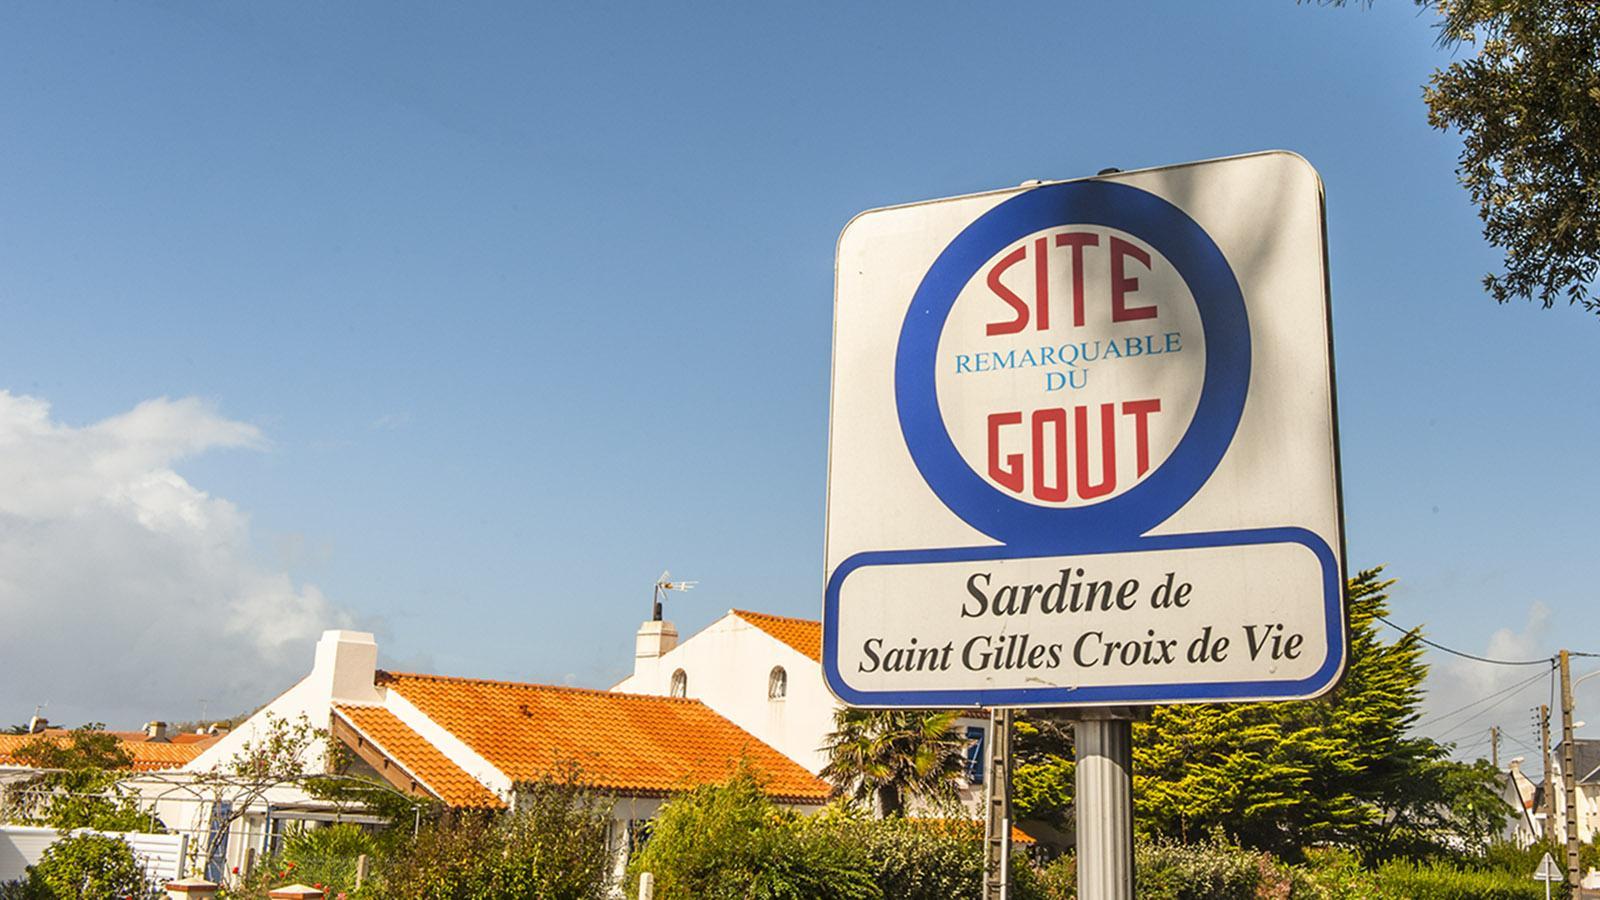 Der Sardine verdankt Saint-Gilles die Auszeichnung als bemerkenswerter Ort des Geschmacks. Foto: Hilke Maunder